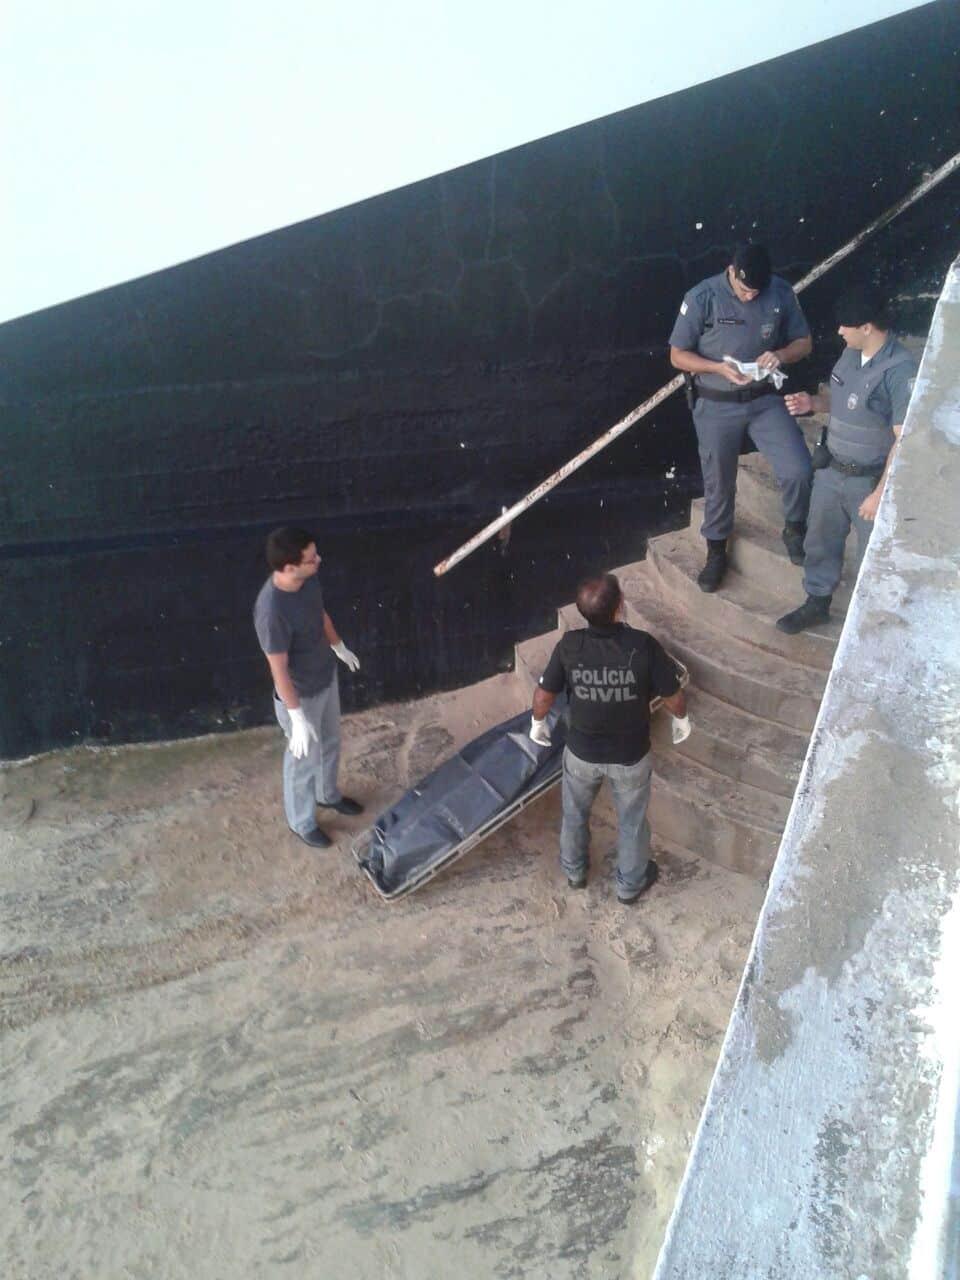 Policiais retiraram o corpo ao amanhecer.